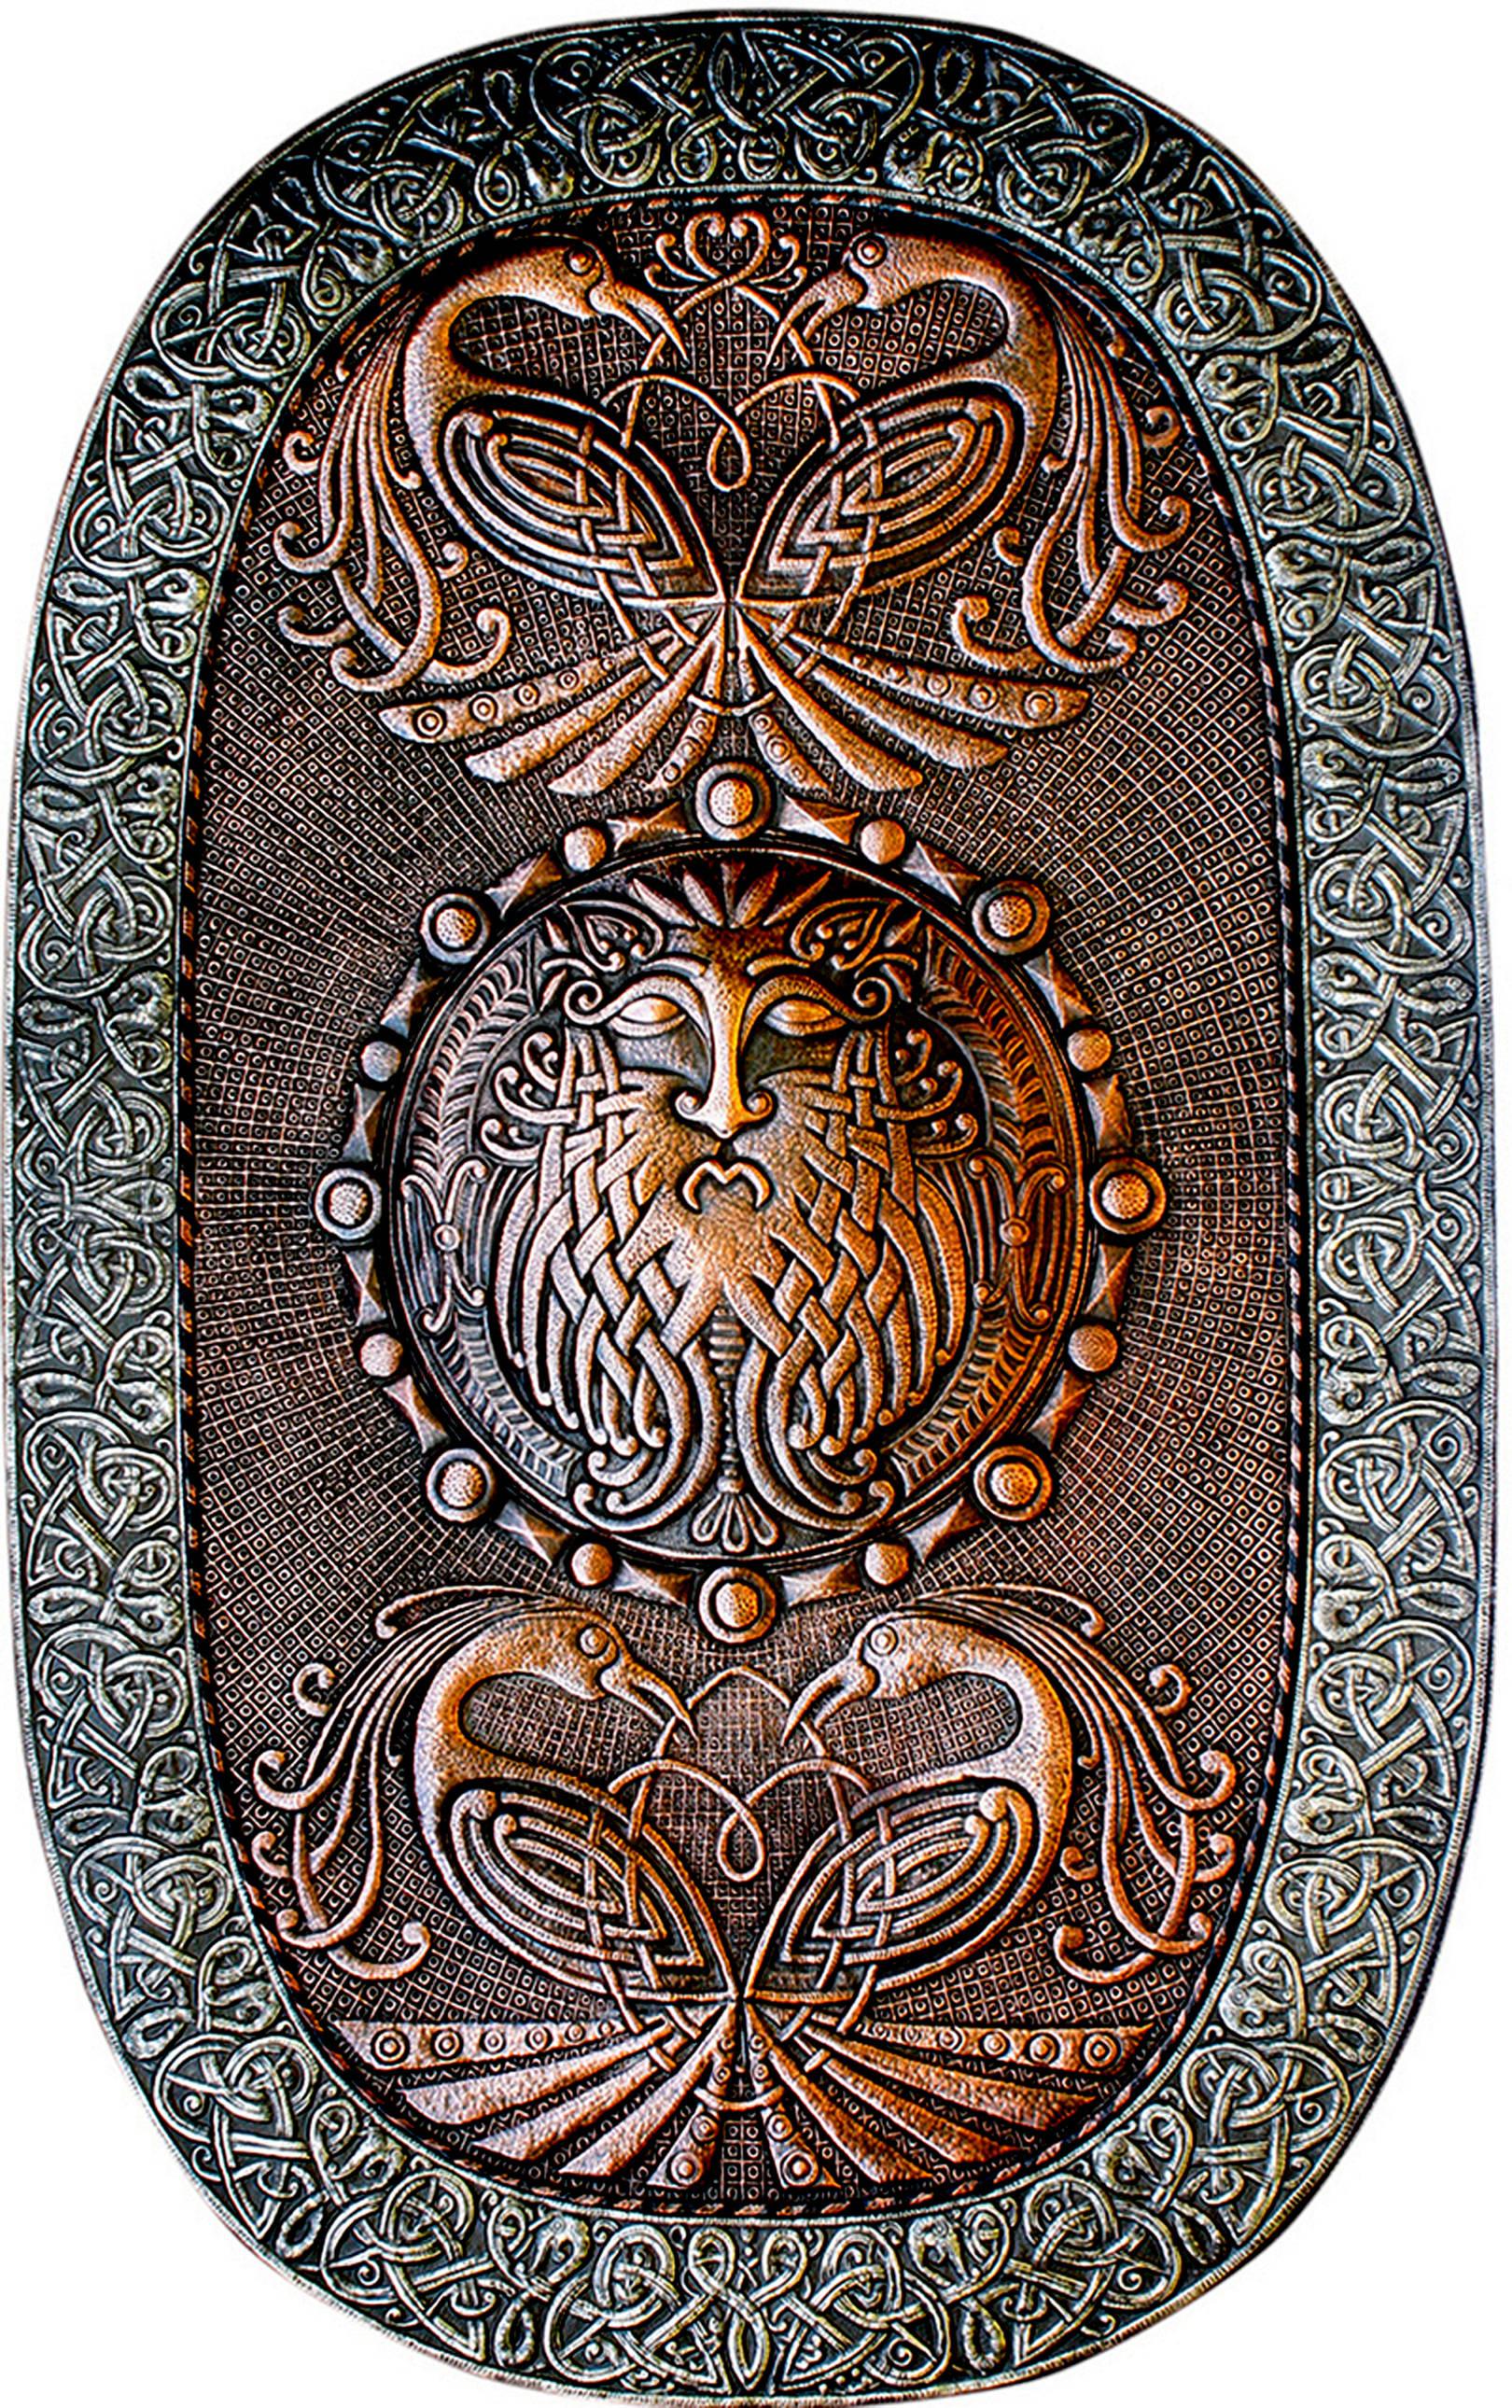 Кельтский щит (панно) 2015 г.                                                                                                                                 Медь, алюминий; чернение                                                                                           110х70 см